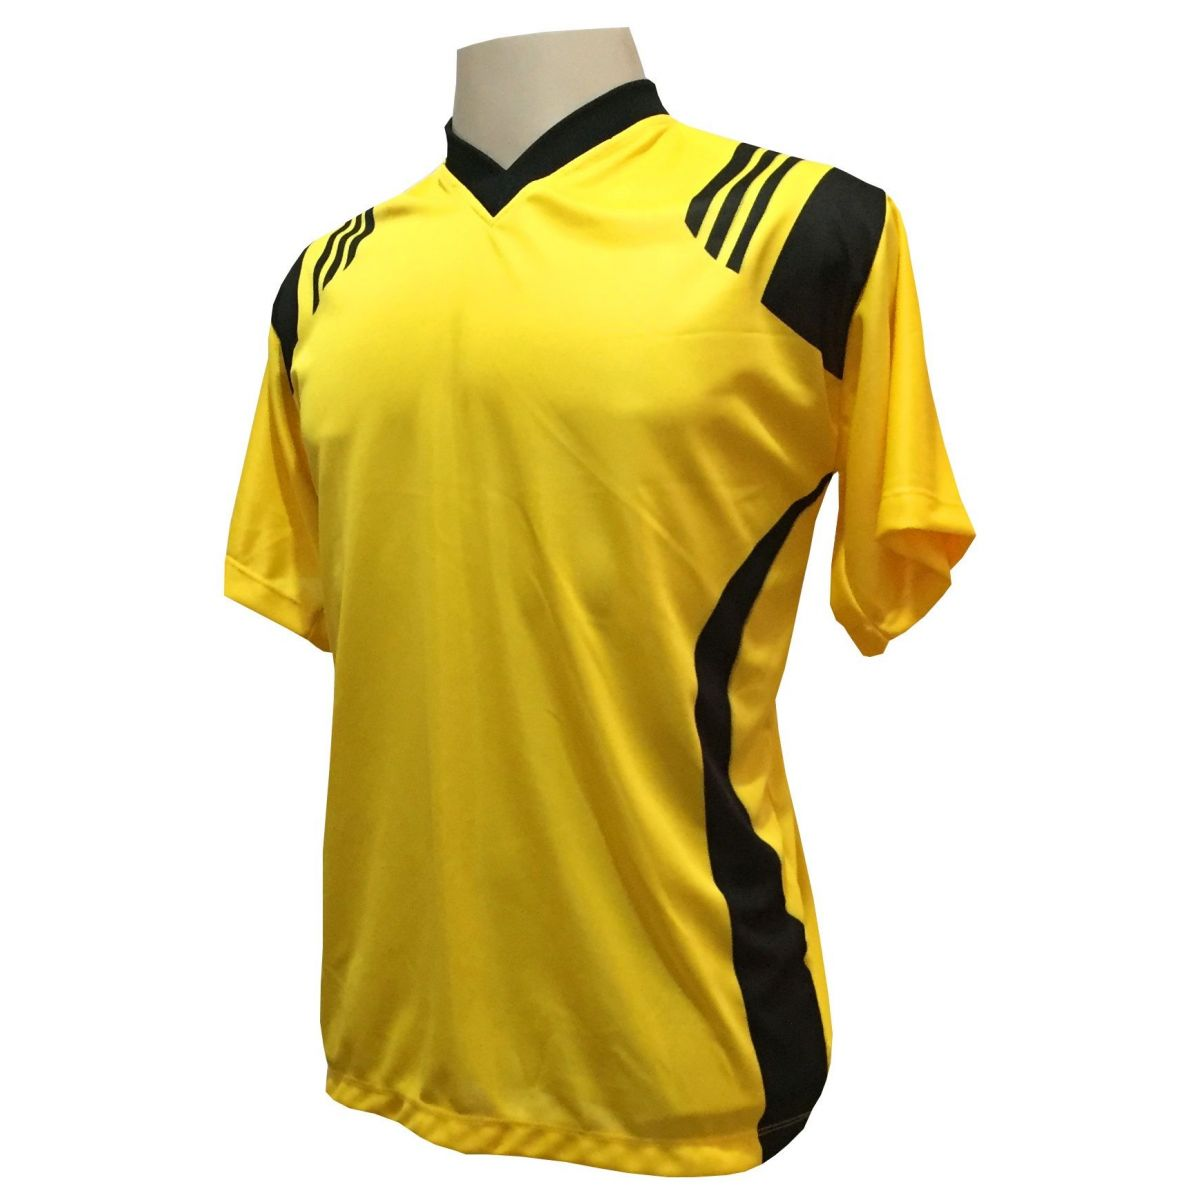 Uniforme Esportivo com 12 Camisas modelo Roma Amarelo/Preto + 12 Calções modelo Copa Preto/Amarelo + 12 Pares de meiões Preto